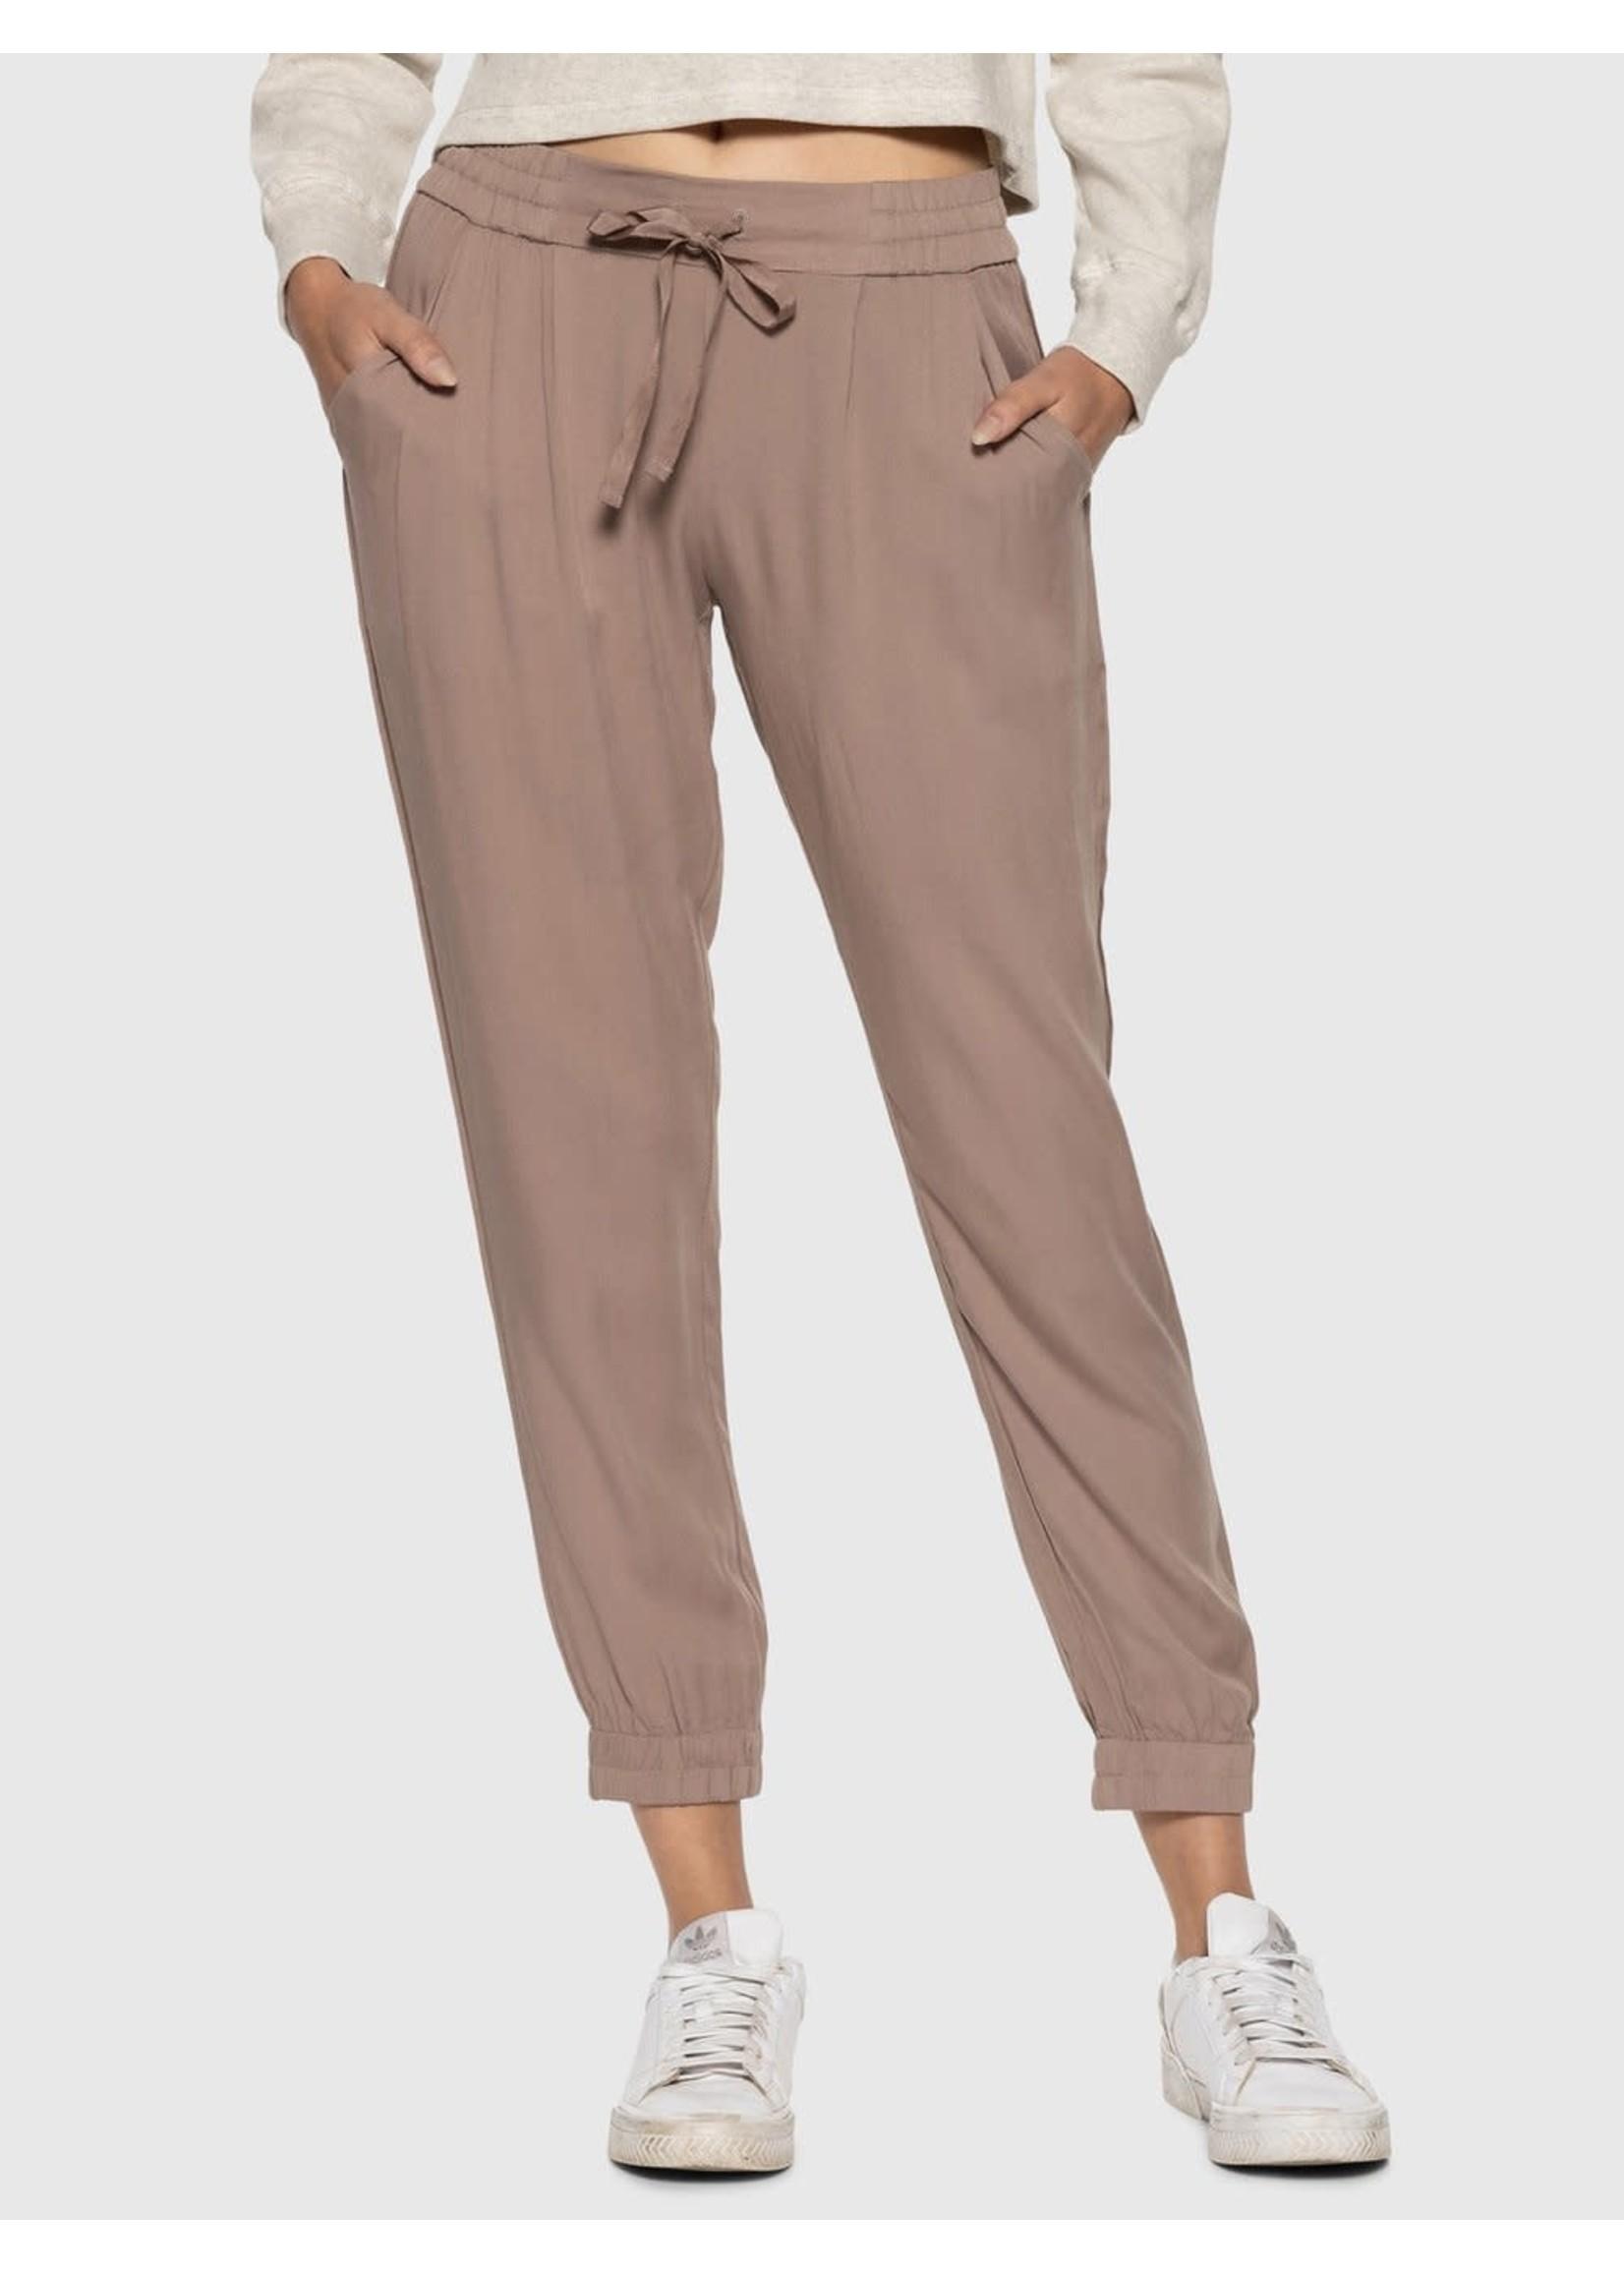 Team LTD Team Ltd. Lounge Pants